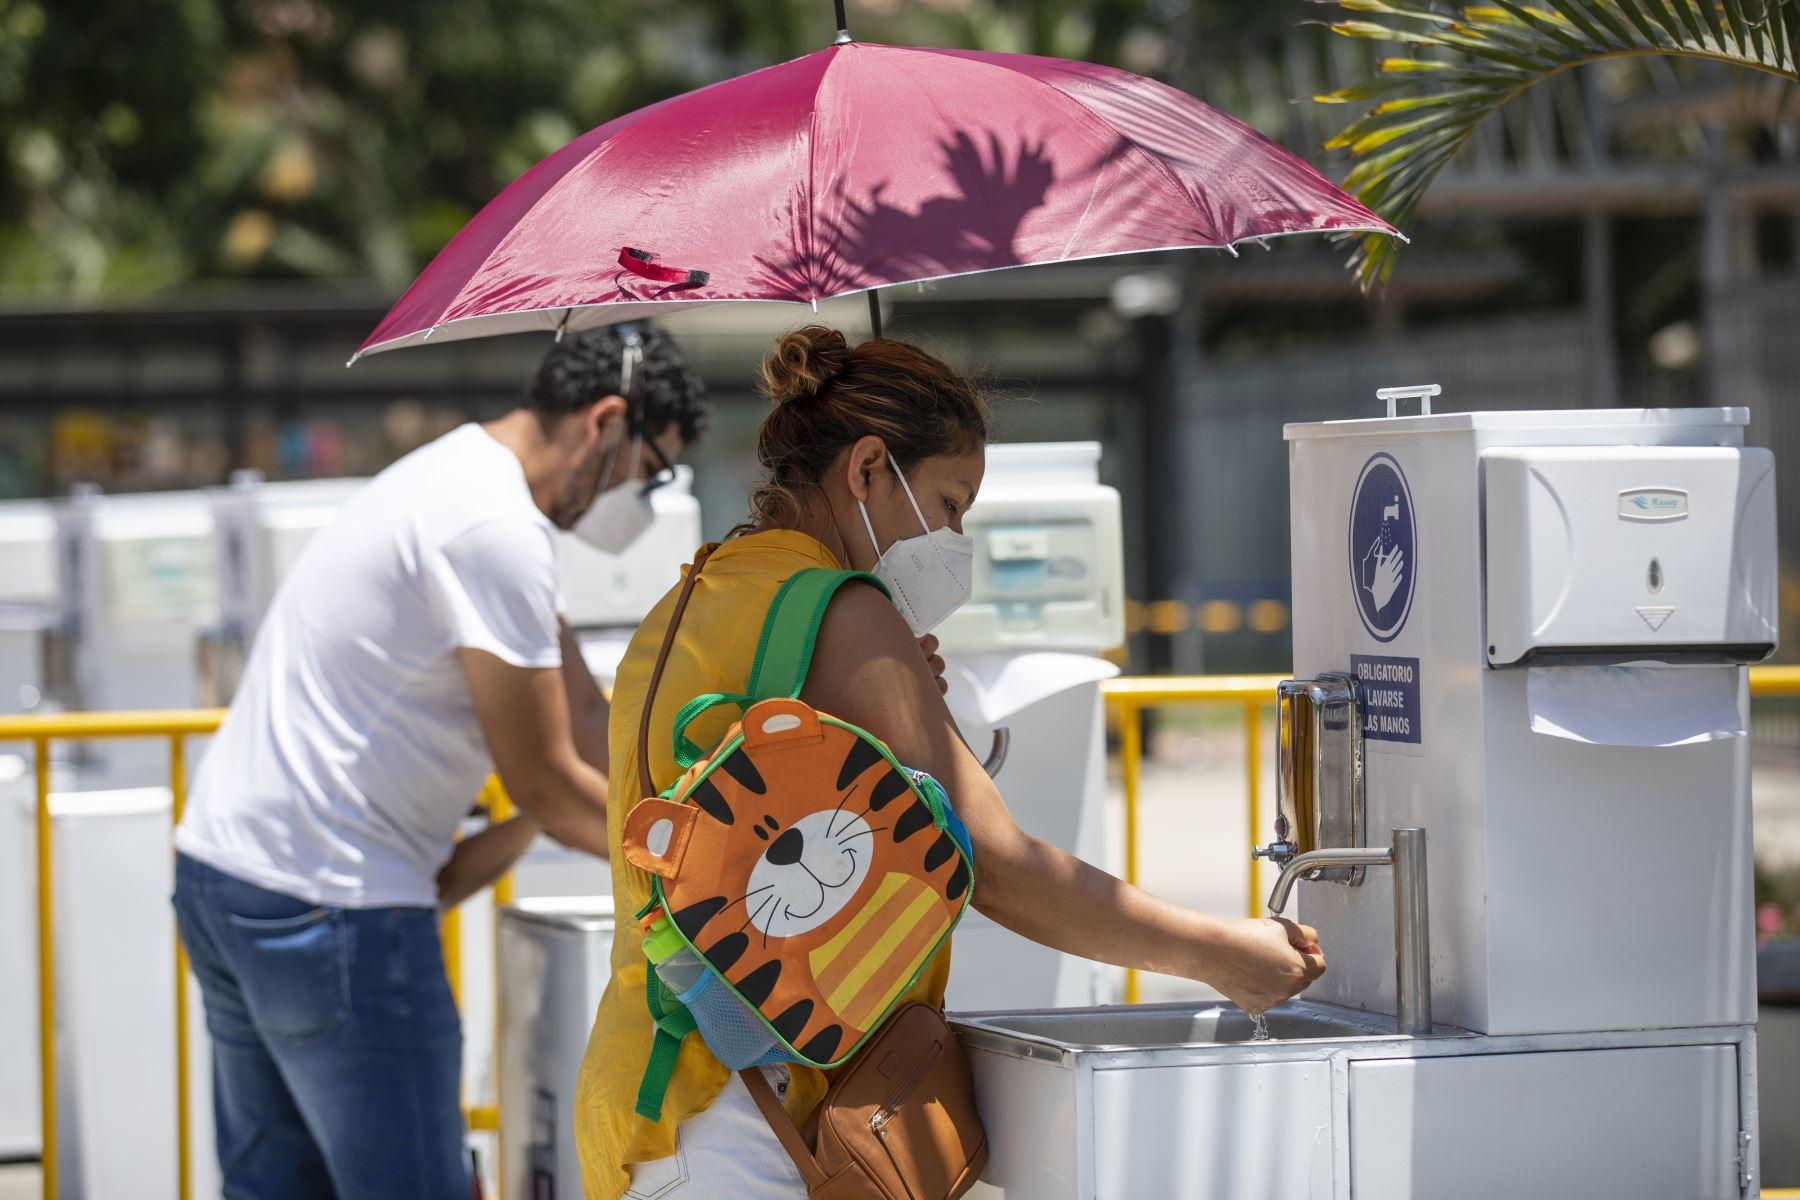 El Parque de las Leyendas vuelve a abrir sus puertas este 1 de marzo. El recinto funcionará con un aforo al 30% y la atención será de lunes a sábado, de 9 a.m. a 5 p.m. Se contará con todos los protocolos de bioseguridad.  Foto: Municipalidad de Lima